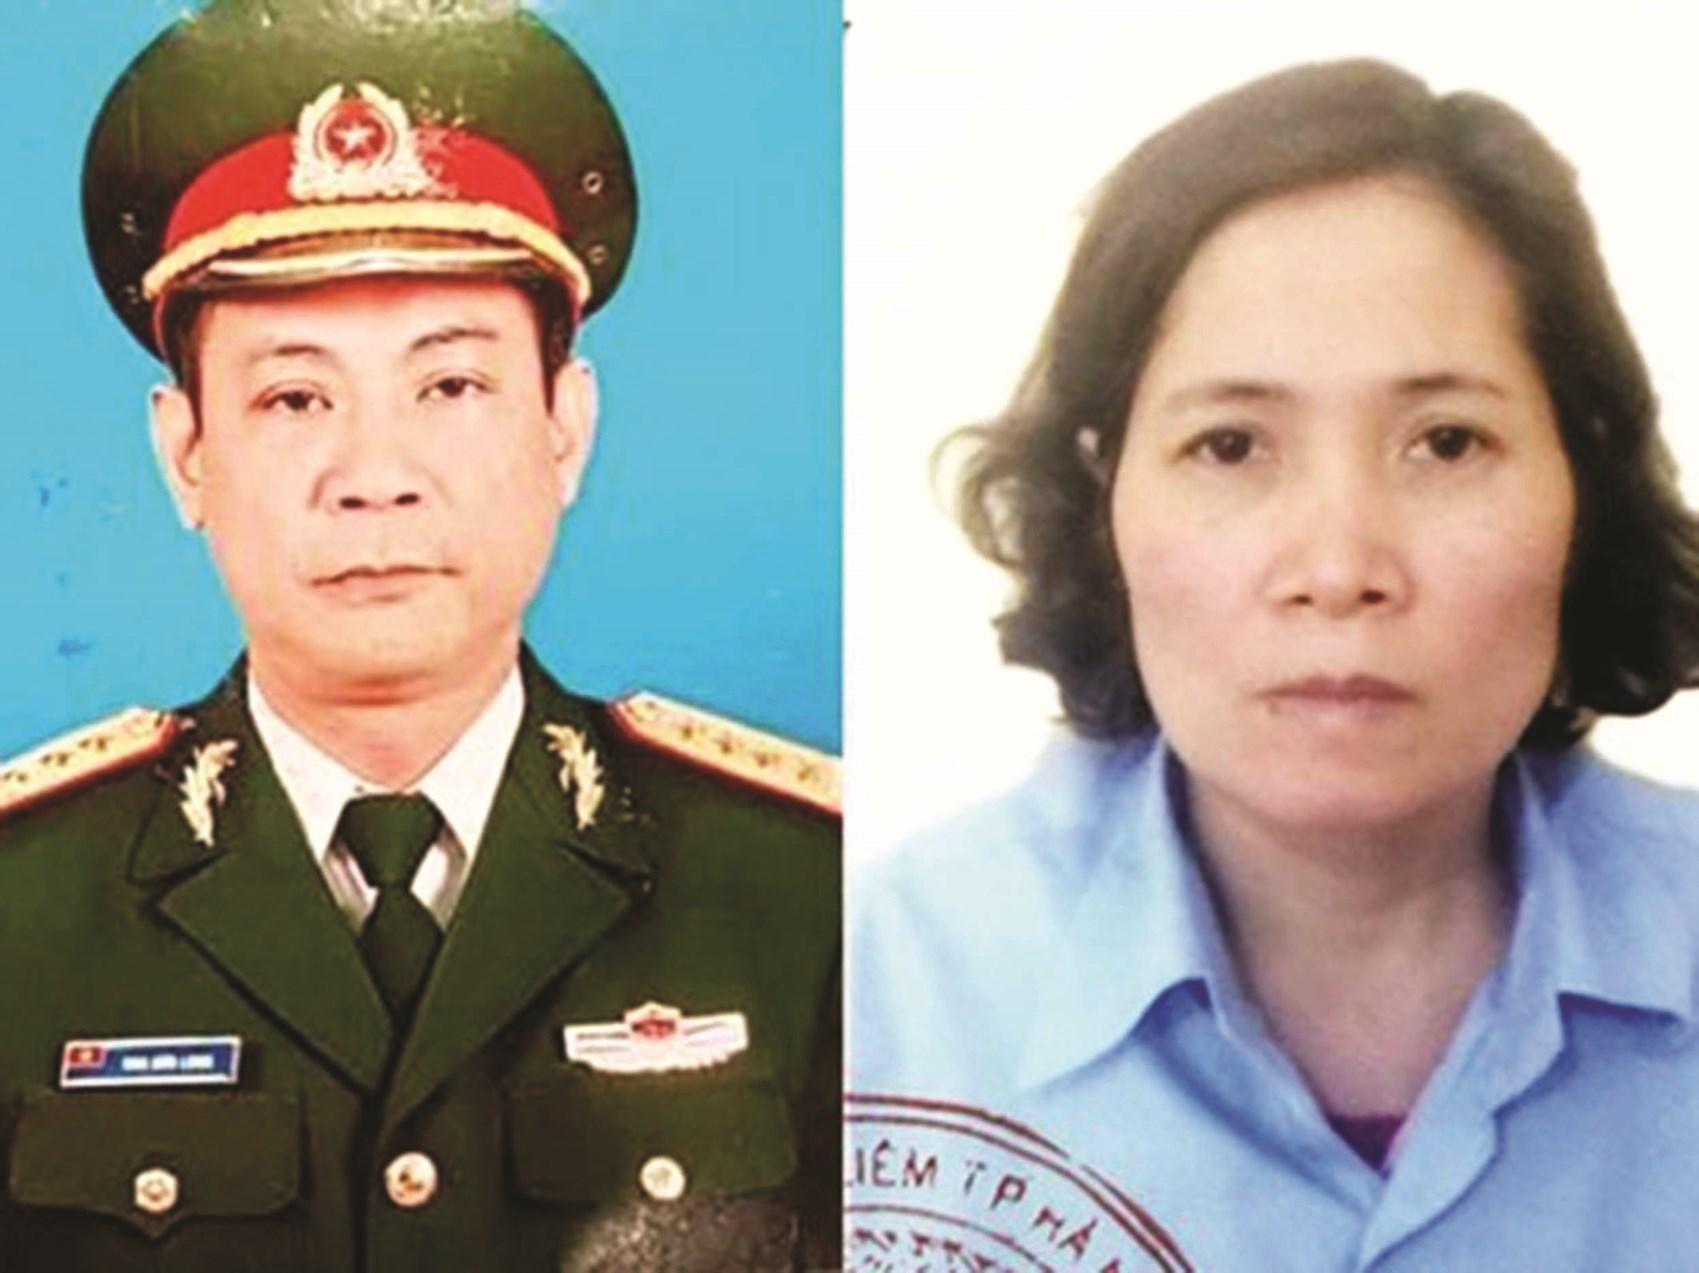 Đối tượng Diệp Ngọc Hà (bên trái) giả danh tướng quân đội cùng vợ lừa đảo gần 1.000 người dân. (Ảnh tư liệu)